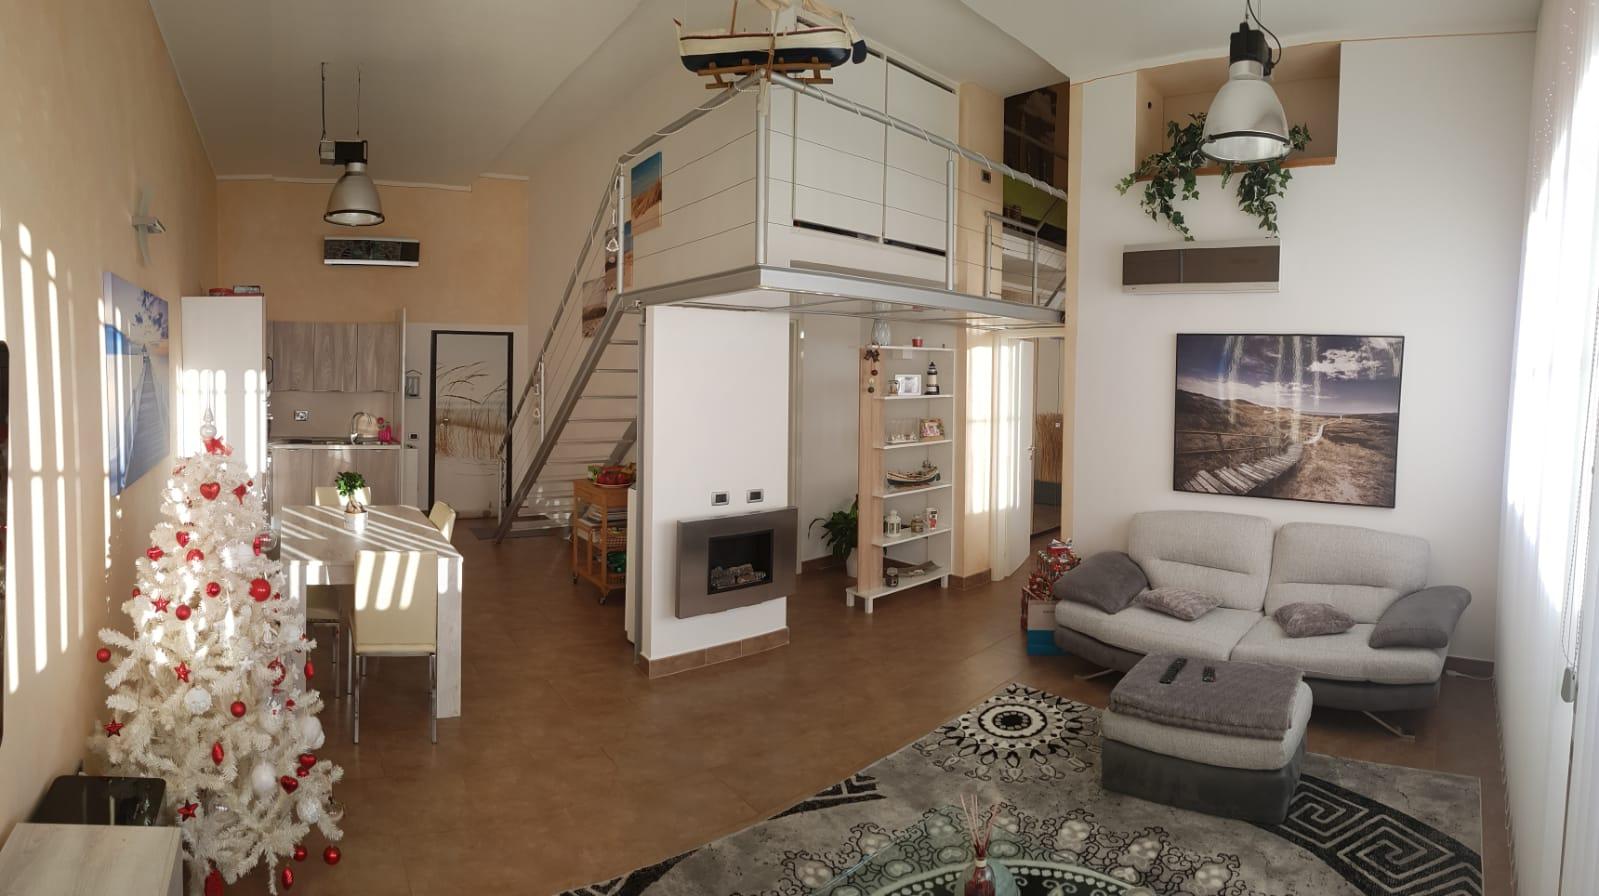 Appartamento Bilocale a due passi dal mare V.26